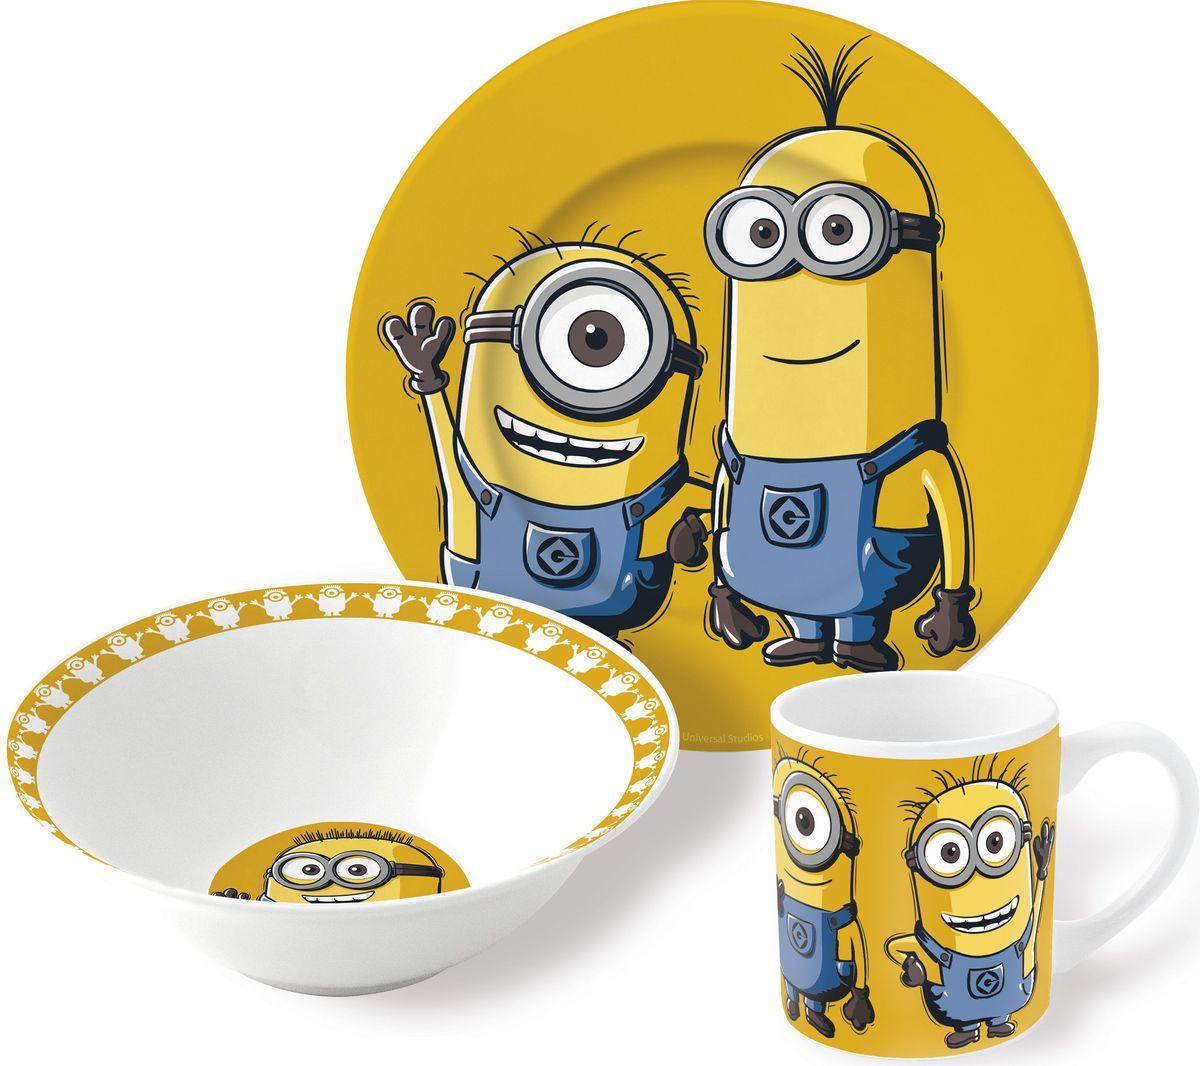 Stor Набор детской посуды Миньоны 3 предмета77055Набор детской посуды Stor Миньоны - оригинальная керамическая посуда с изображением любимых героев – прекрасный подарок для детей и взрослых.